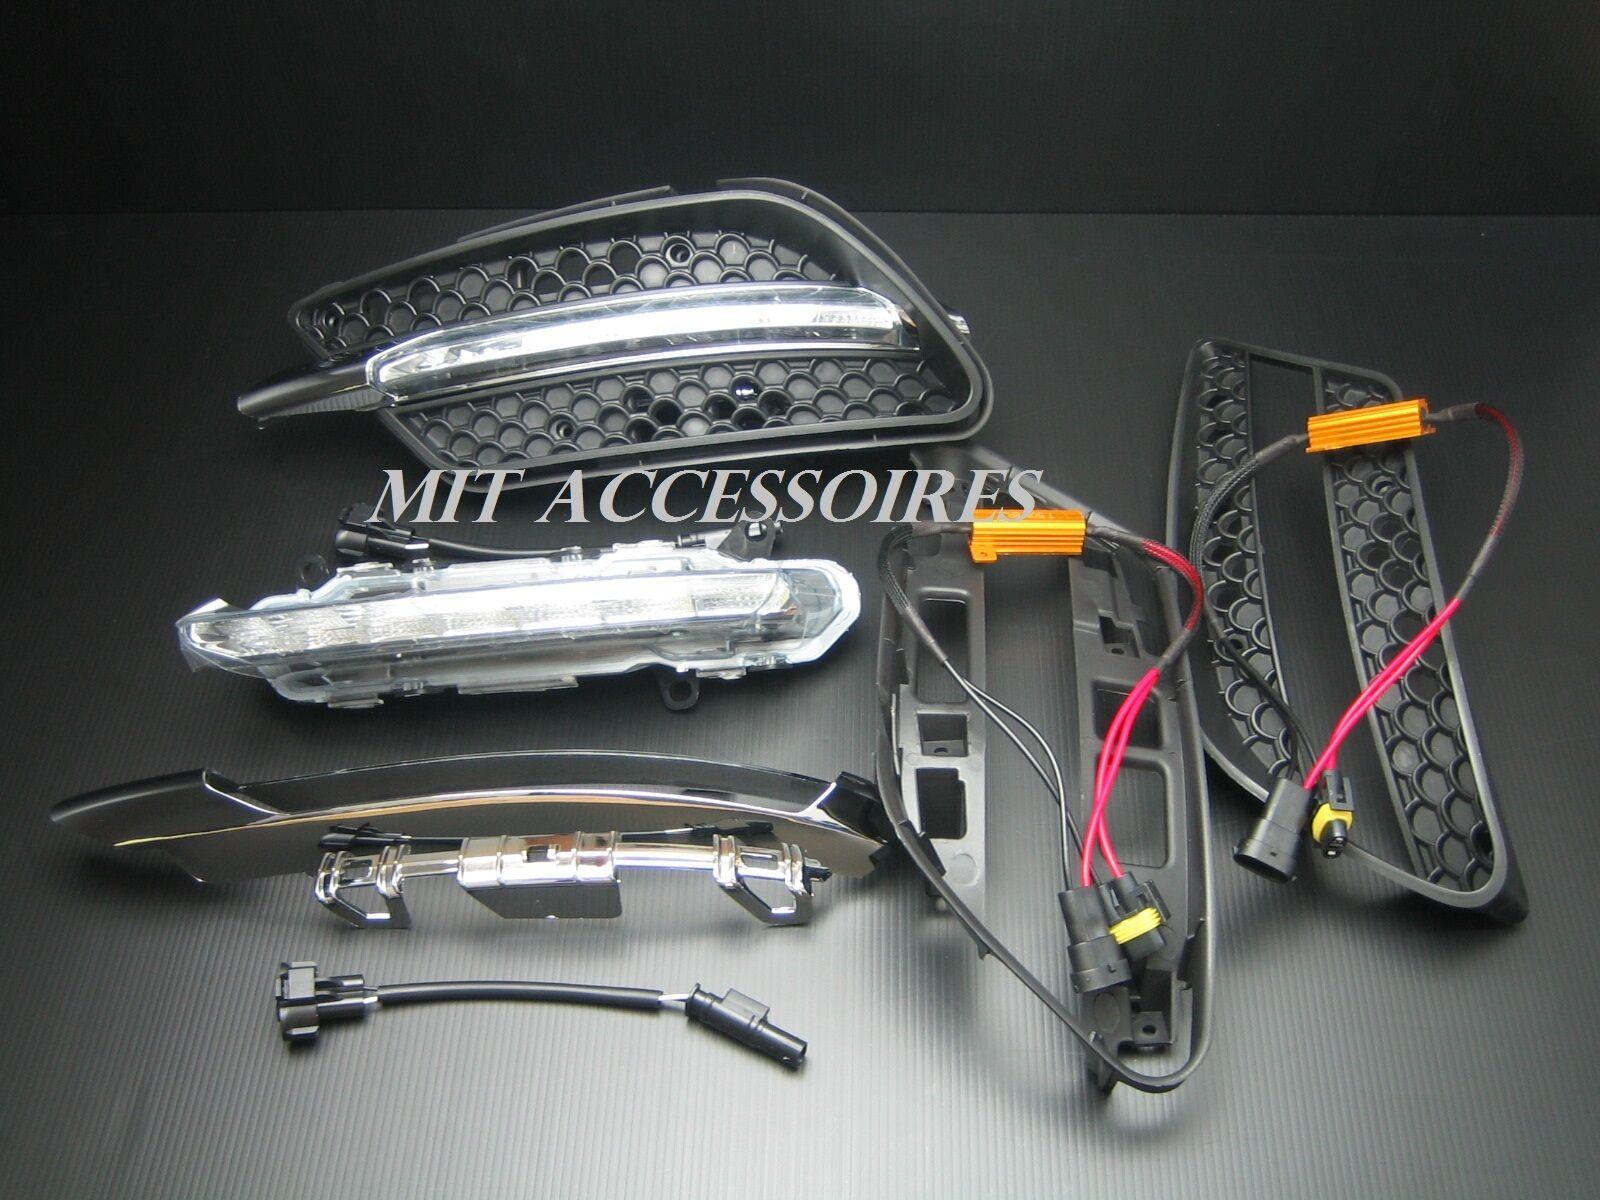 Nrpfell Car LED Fog Light DRL Daytime Running Lights for Mercedes W204 C-Class C300 AMG Sport 2007 2008 2009 2010 2011